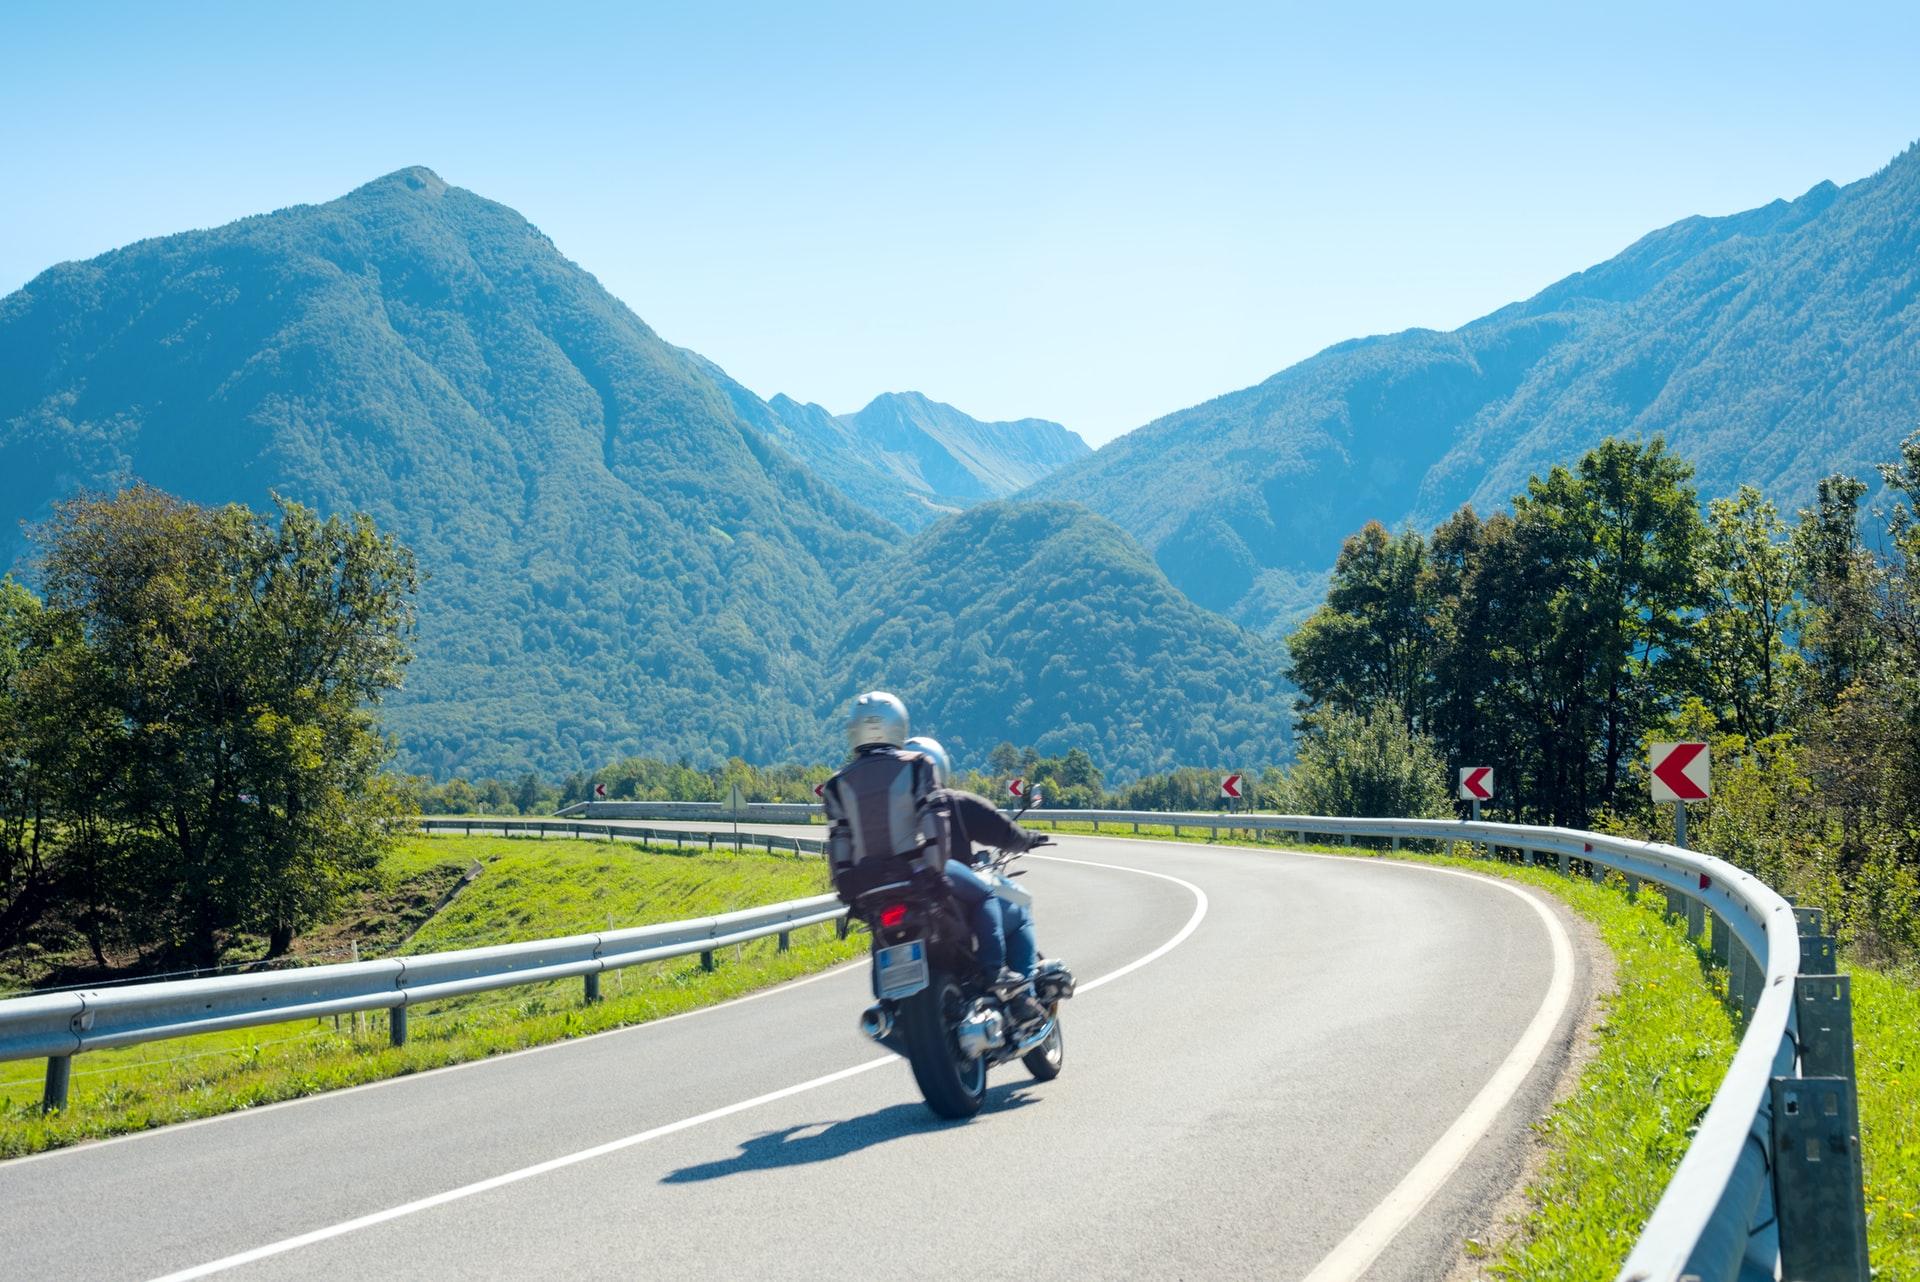 Décortiquer les offres d'assurance moto pour les comprendre